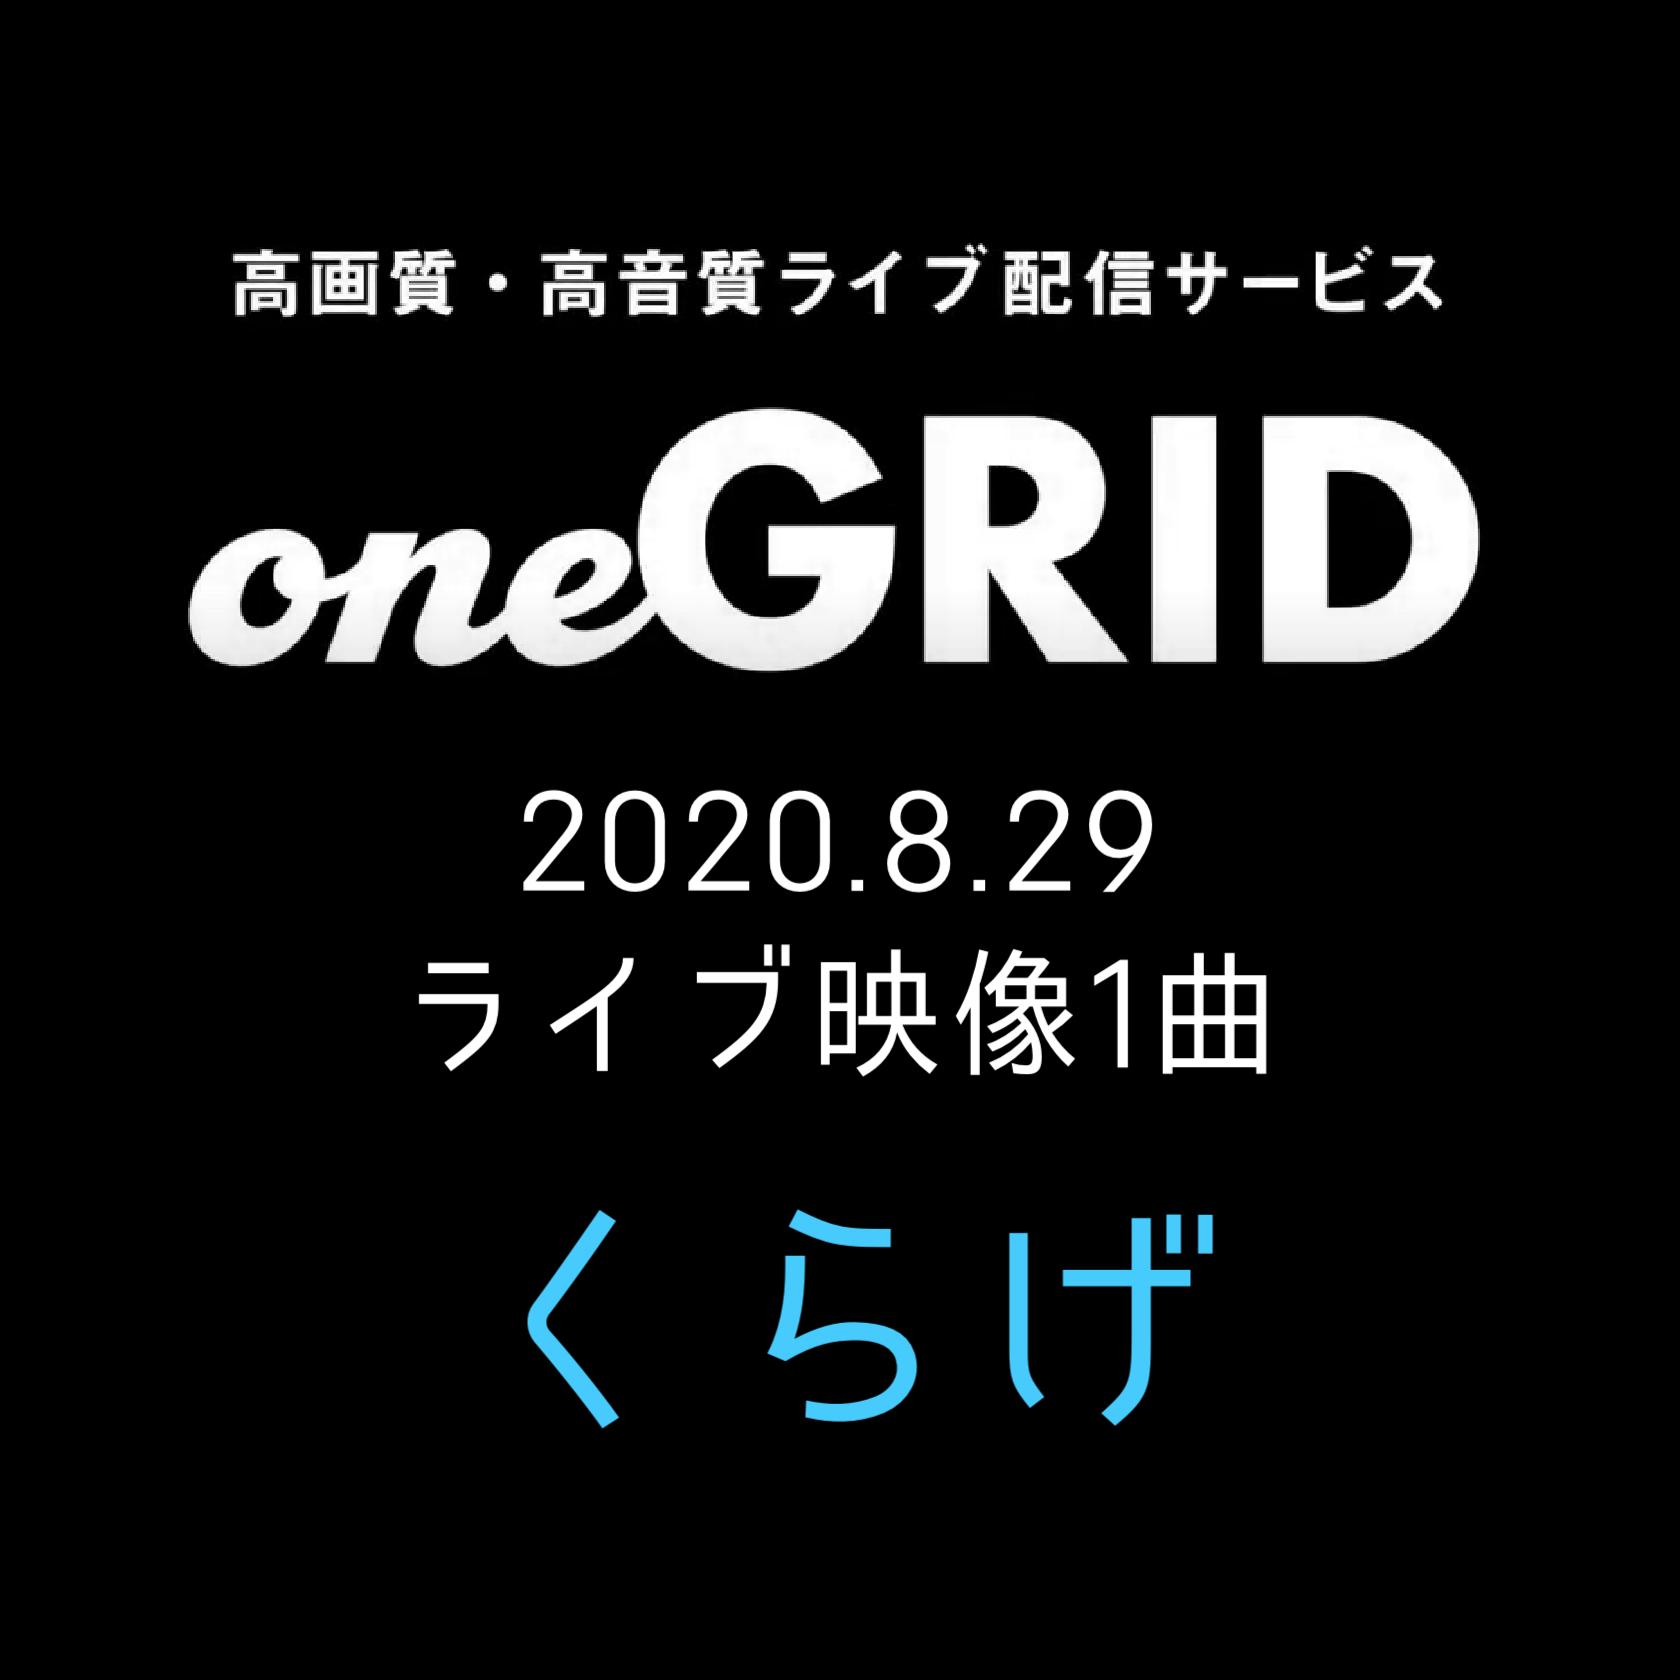 8/29くらげライブ映像